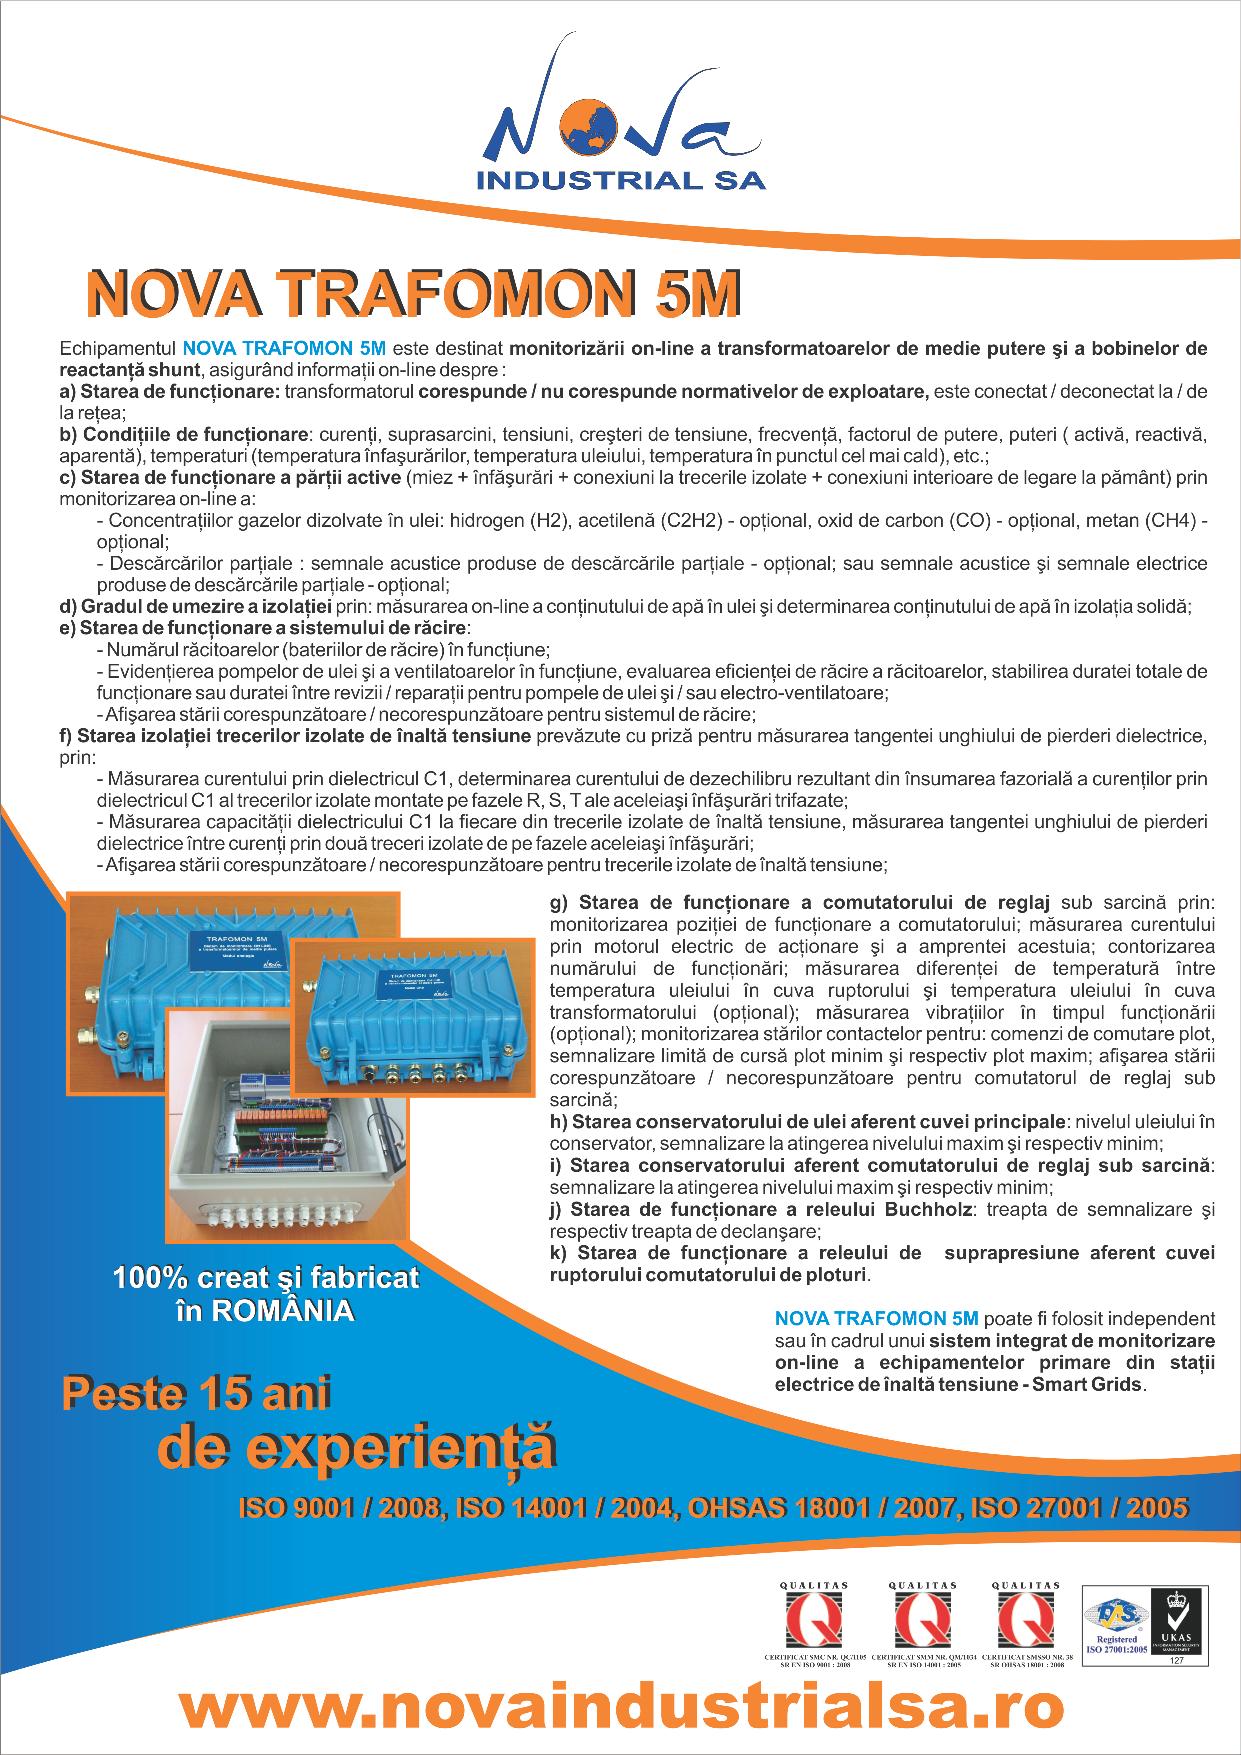 NOVA TRAFOMON 5M